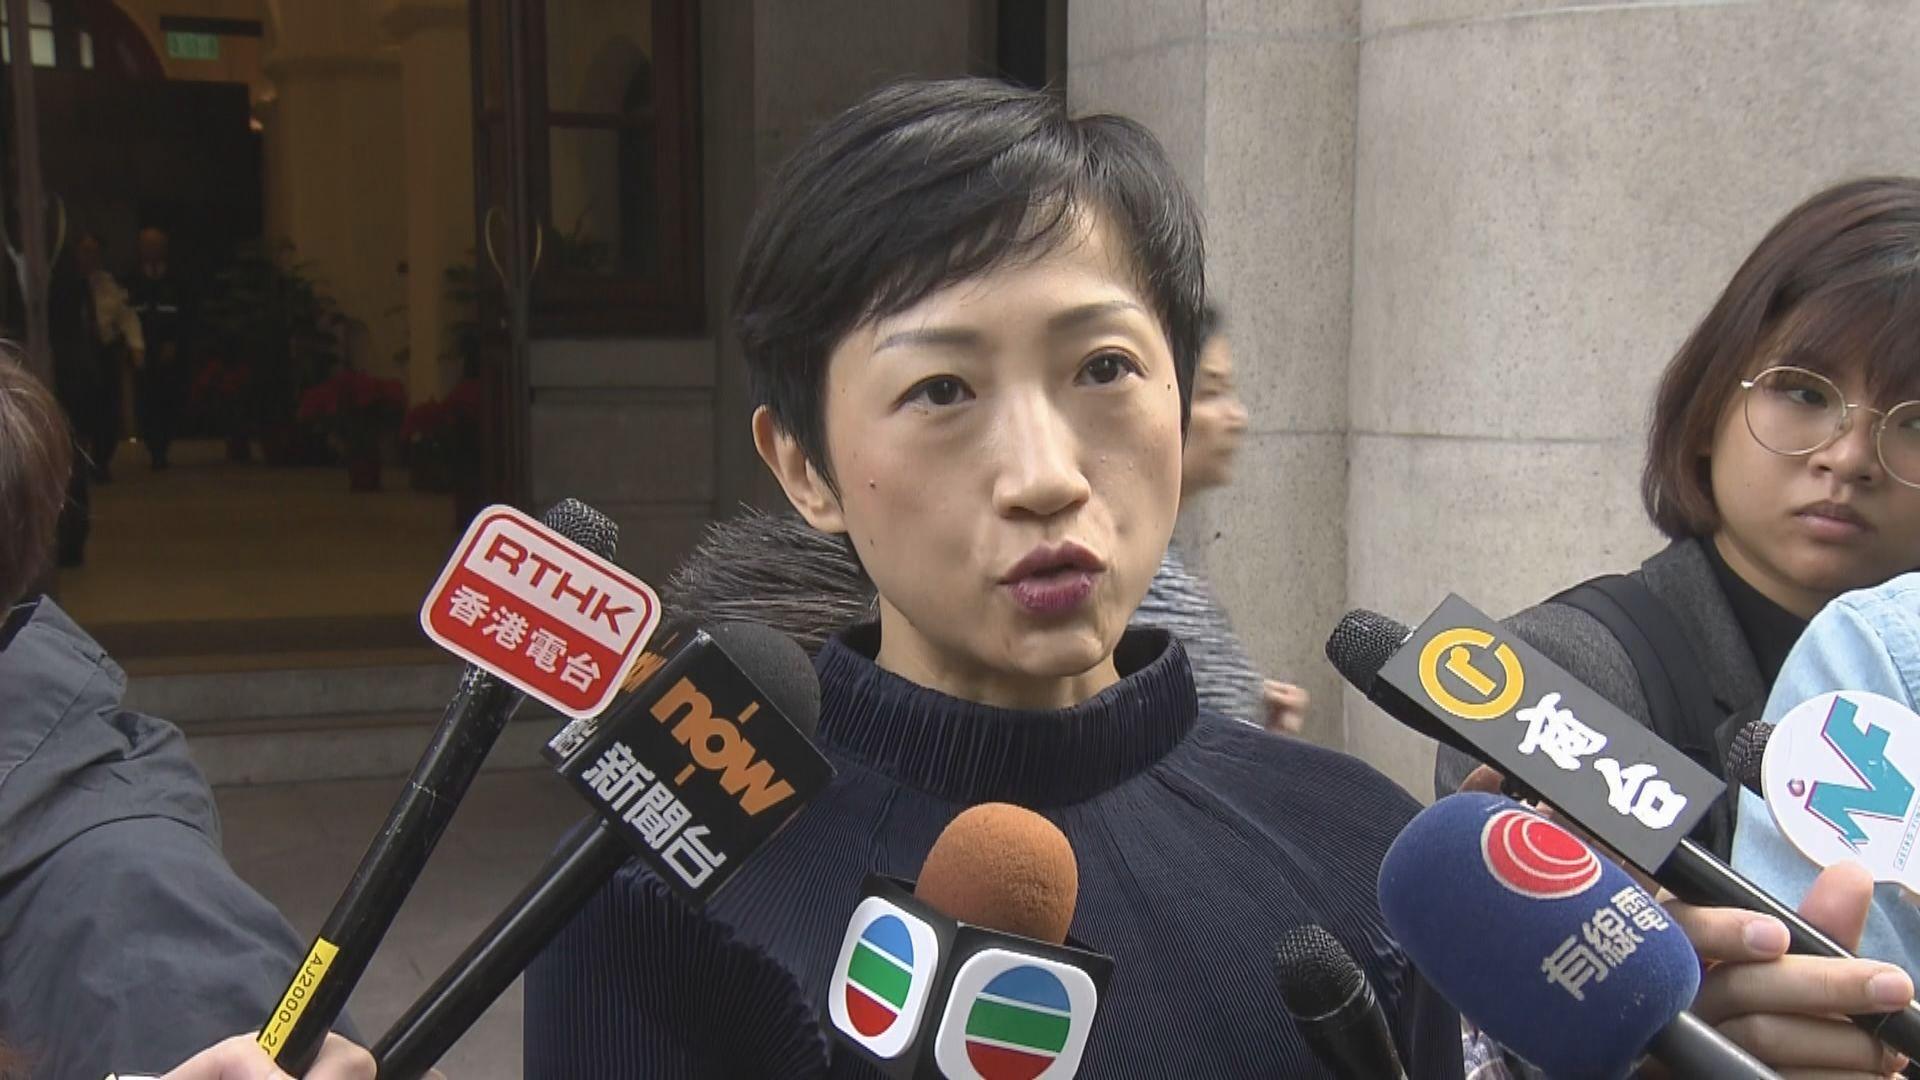 陳淑莊宣布因個人理由不續任議員 退出公民黨及政壇